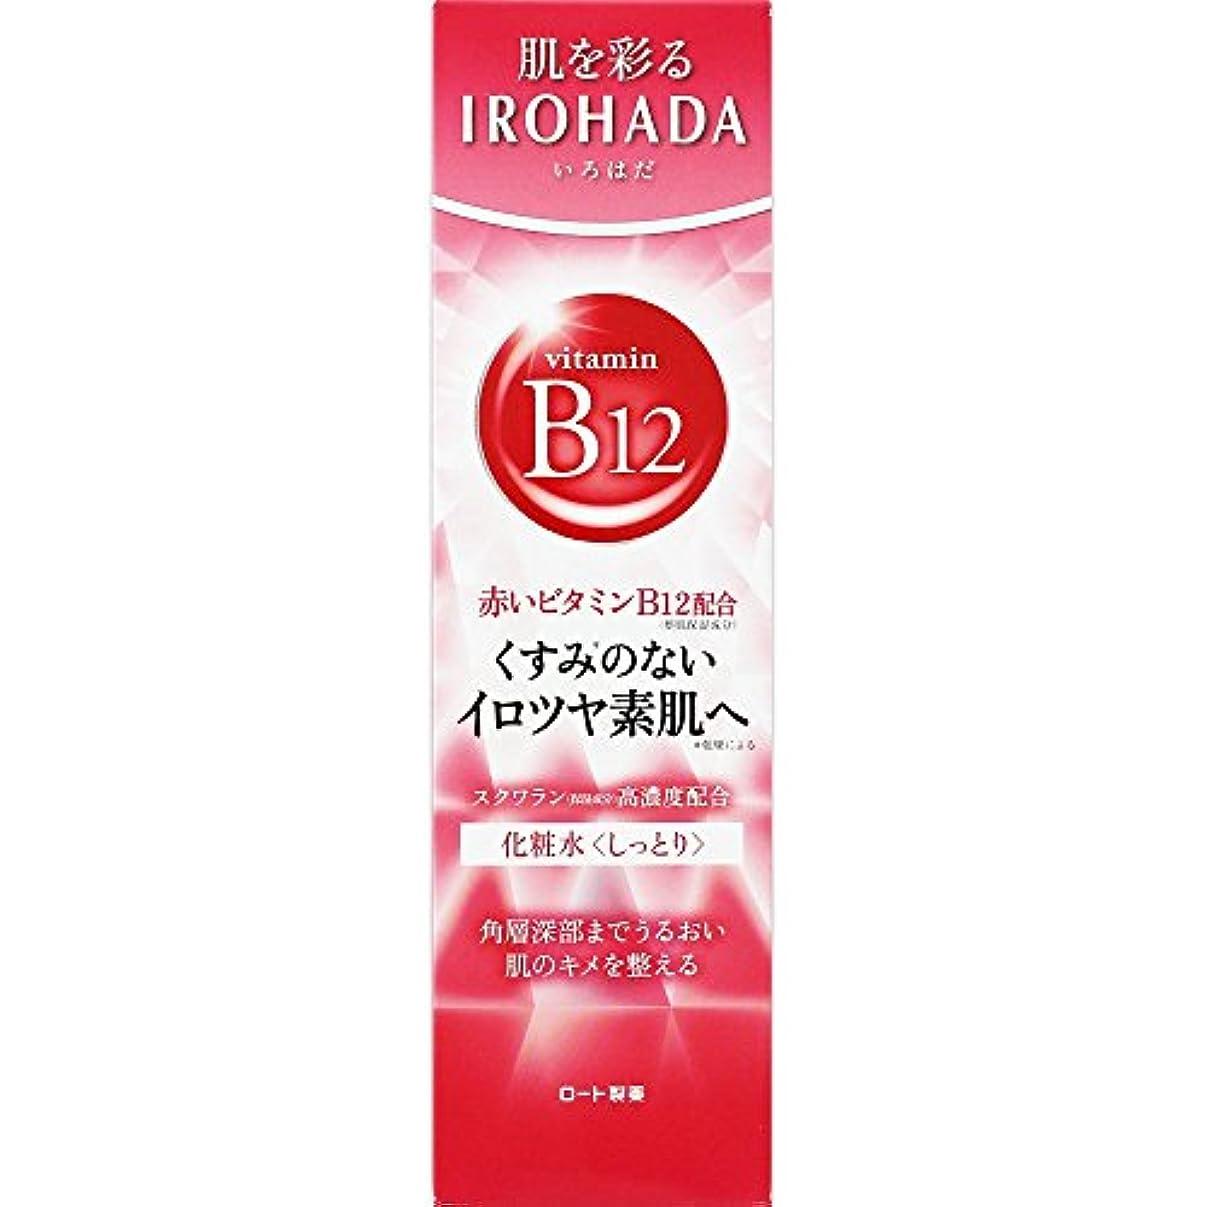 内陸ジェム朝ロート製薬 いろはだ (IROHADA) 赤いビタミンB12×スクワラン配合 化粧水しっとり 160ml